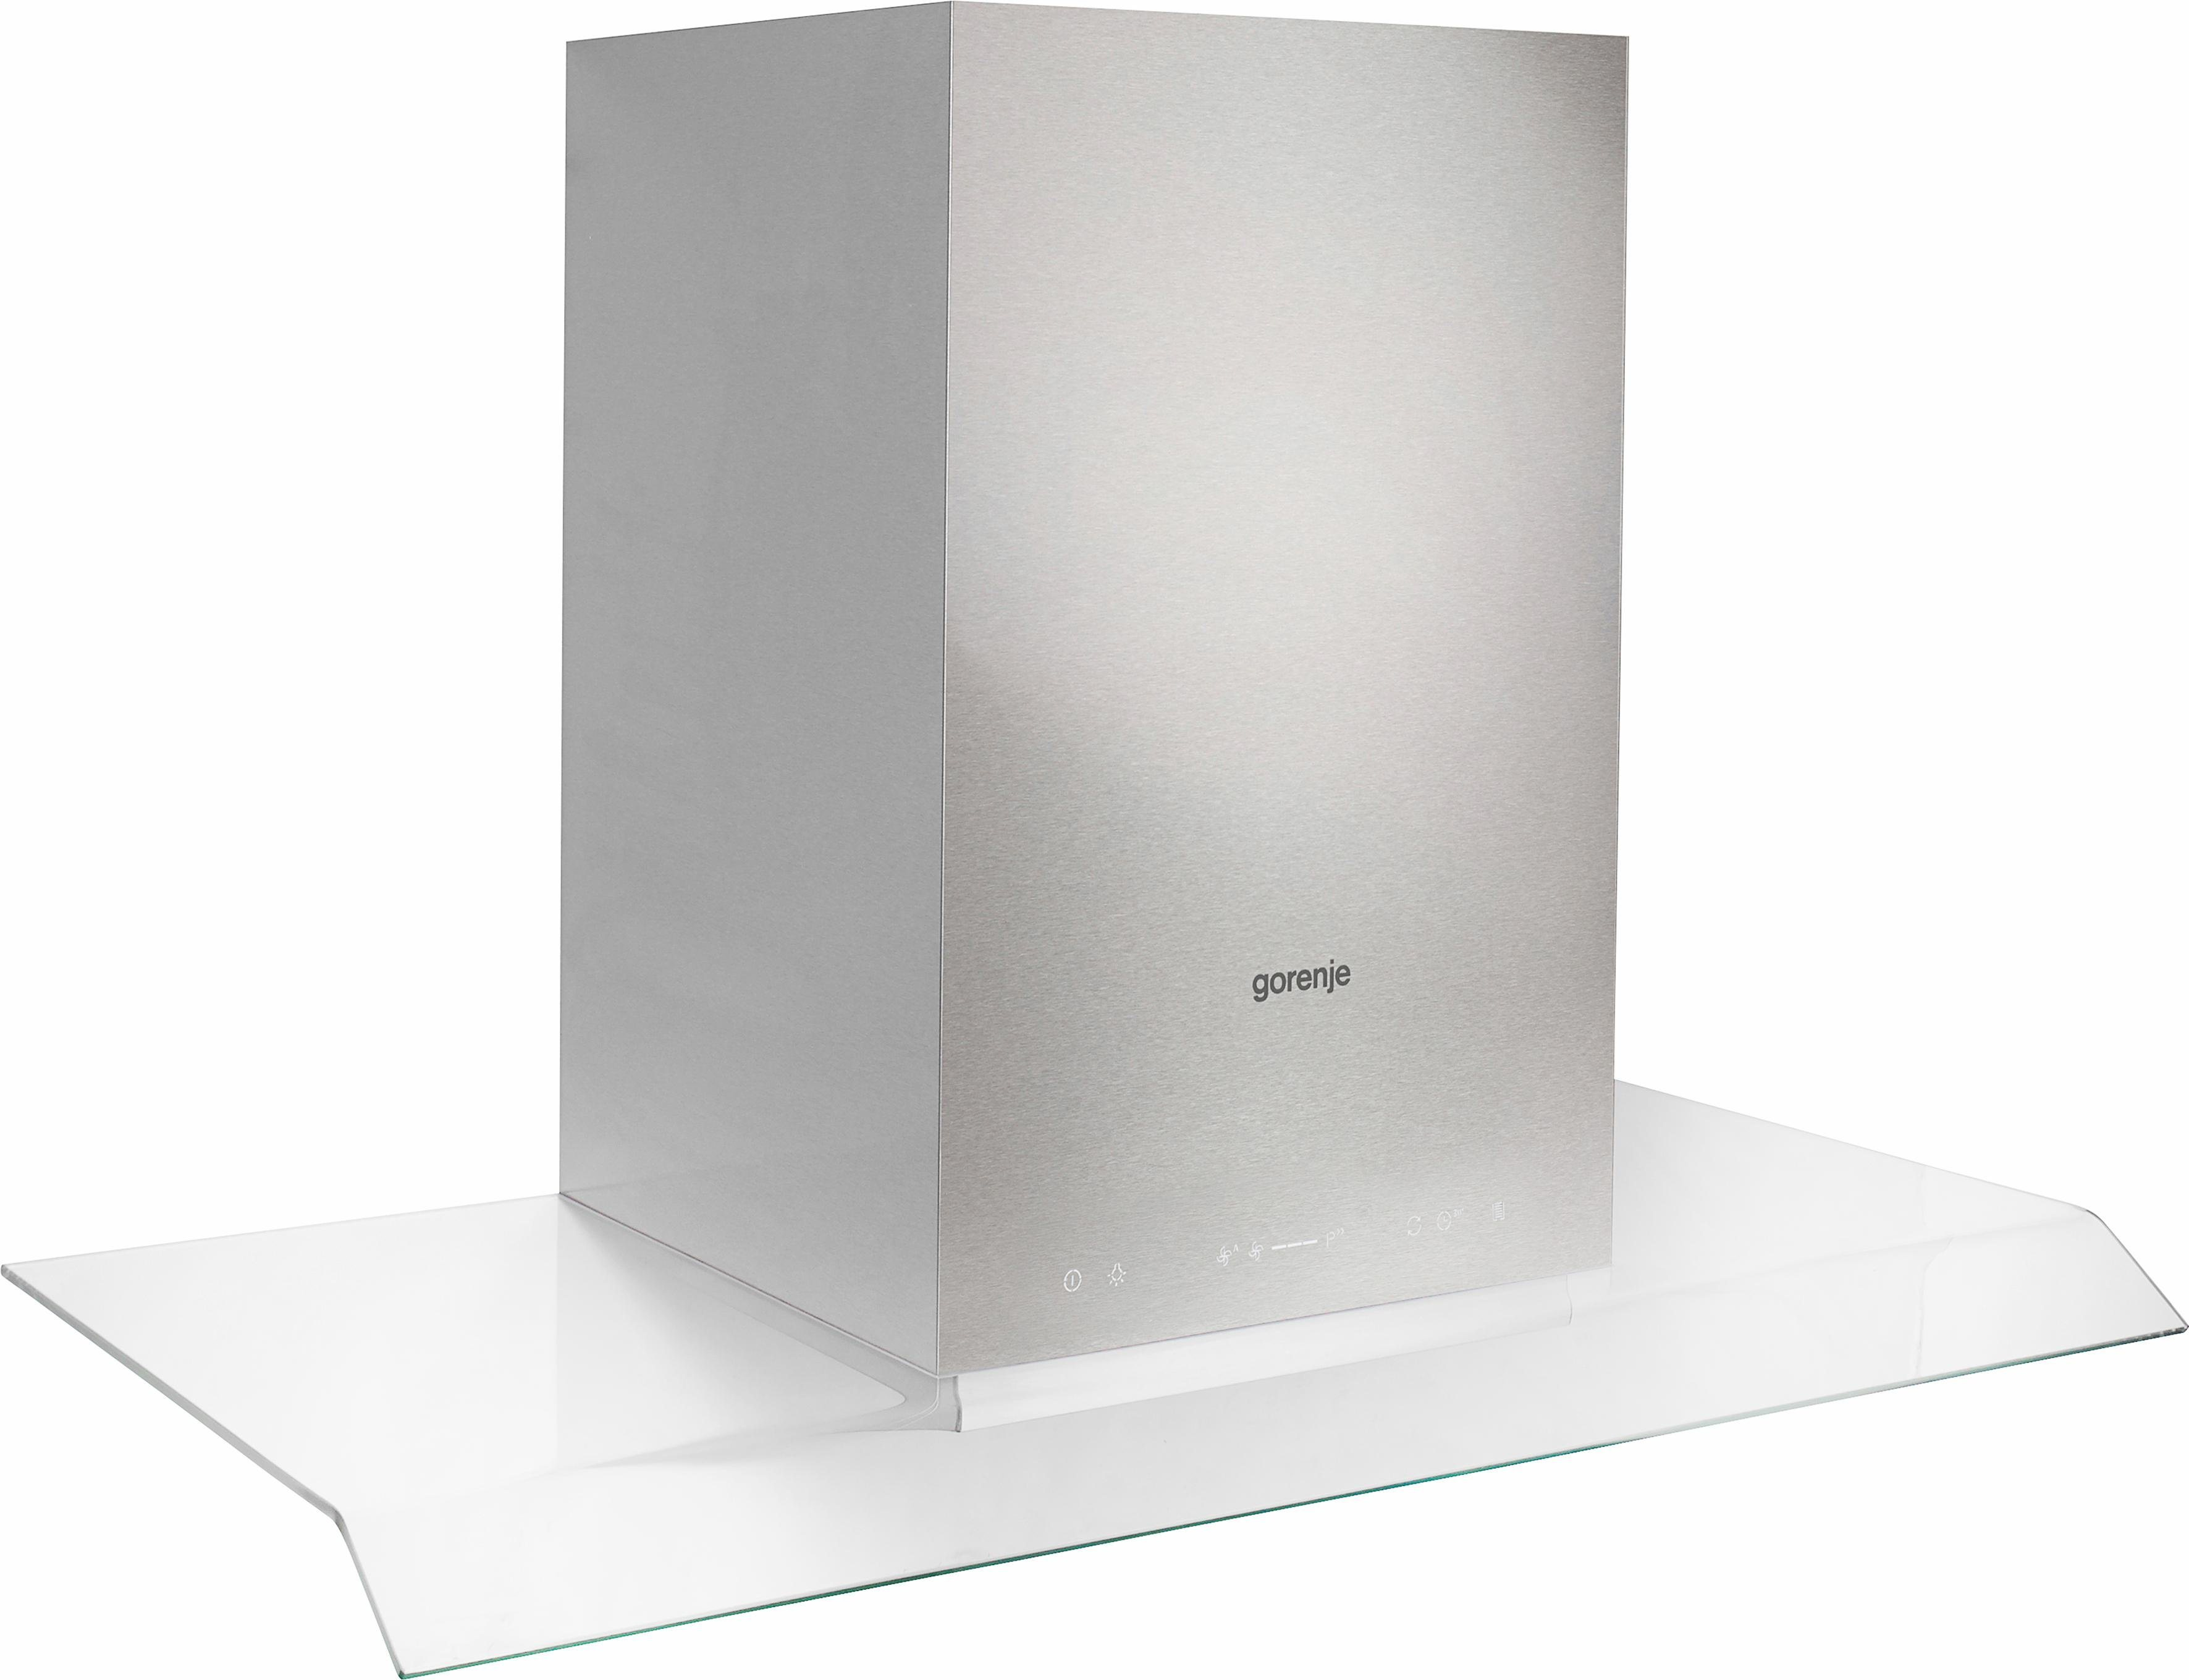 Gorenje Kühlschrank R 6192 Fw : Gorenje dunstabzugshaube preisvergleich u2022 die besten angebote online